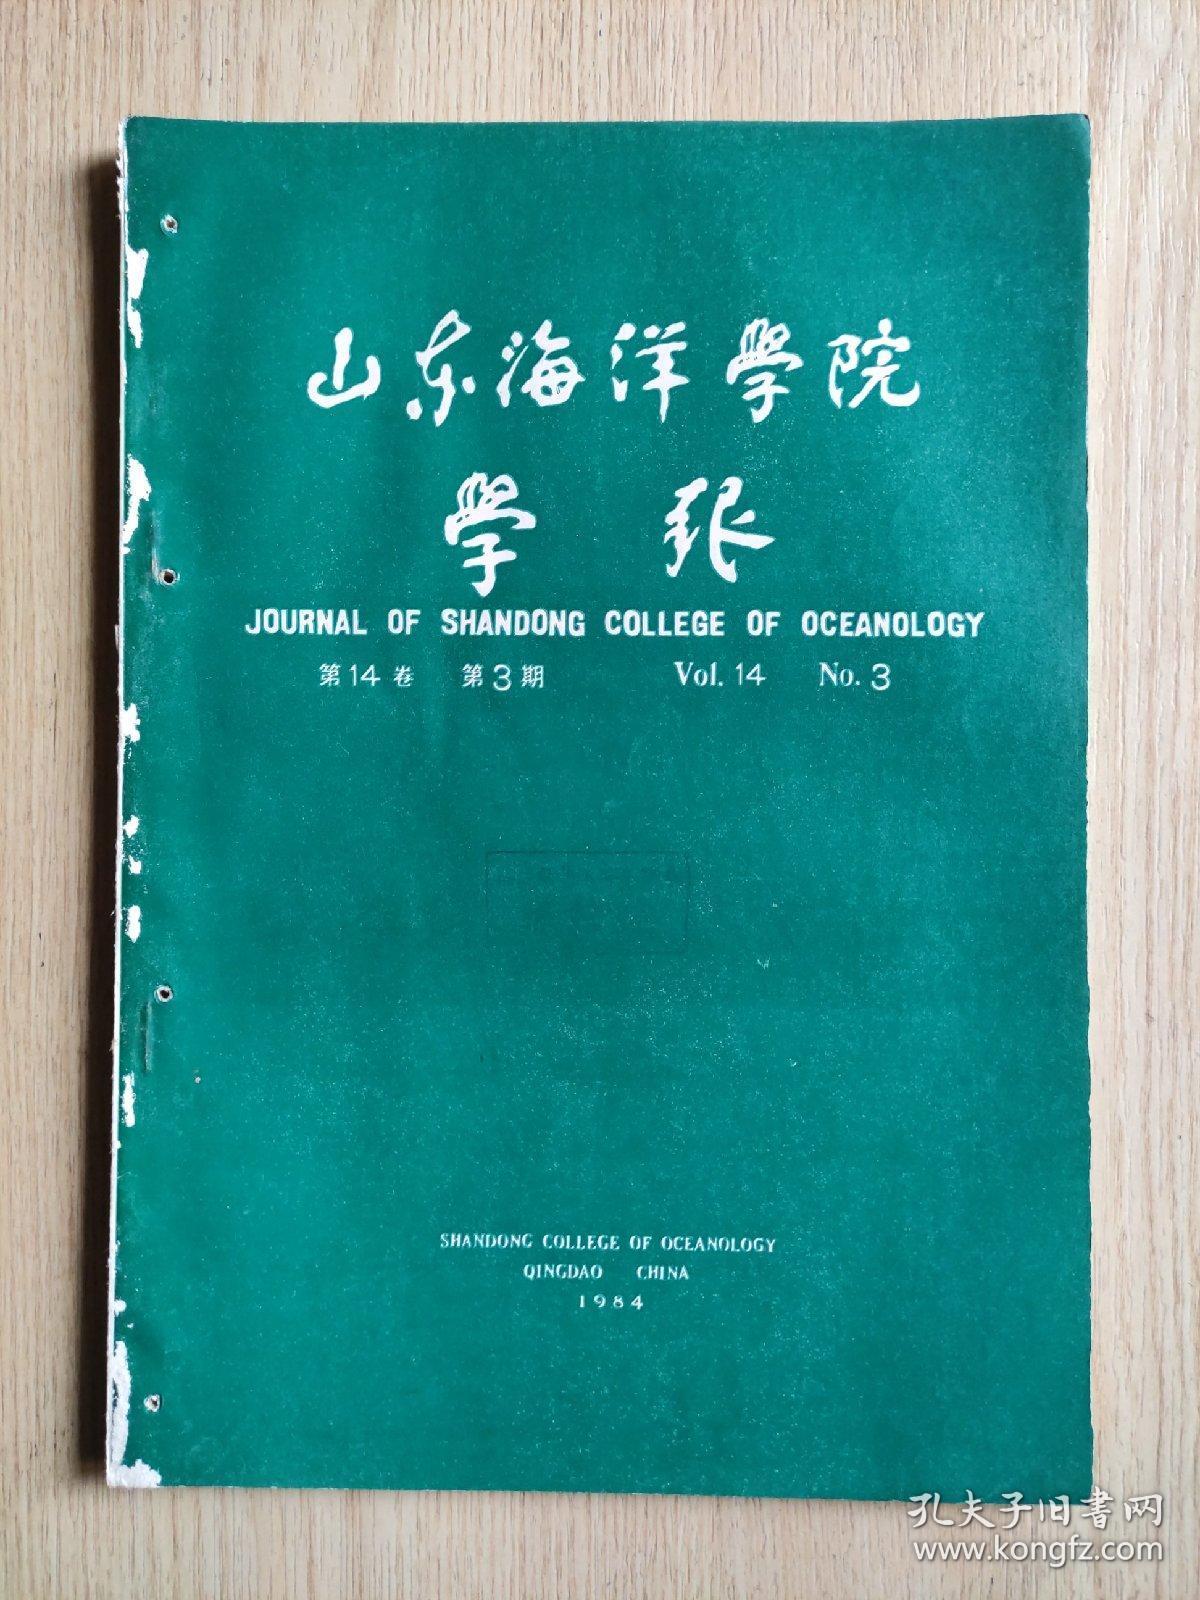 山东海洋学院学报1984年第14卷第3期